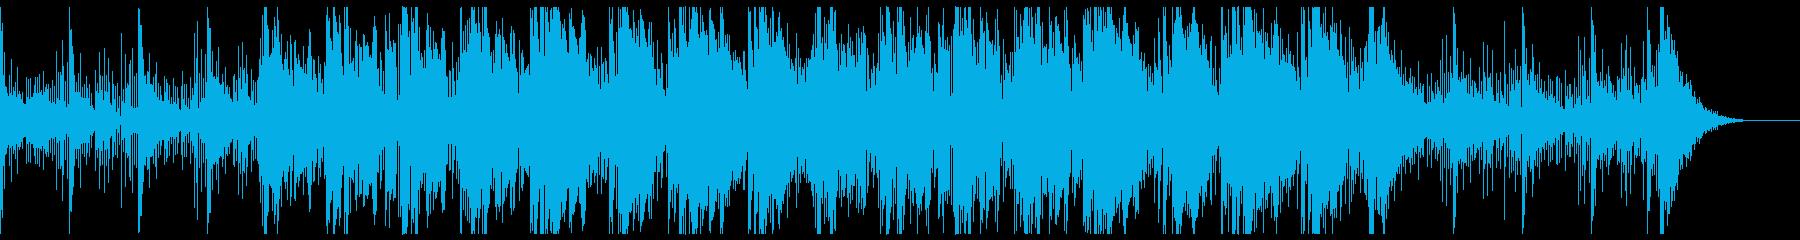 スリリングなスローアンビエントの再生済みの波形